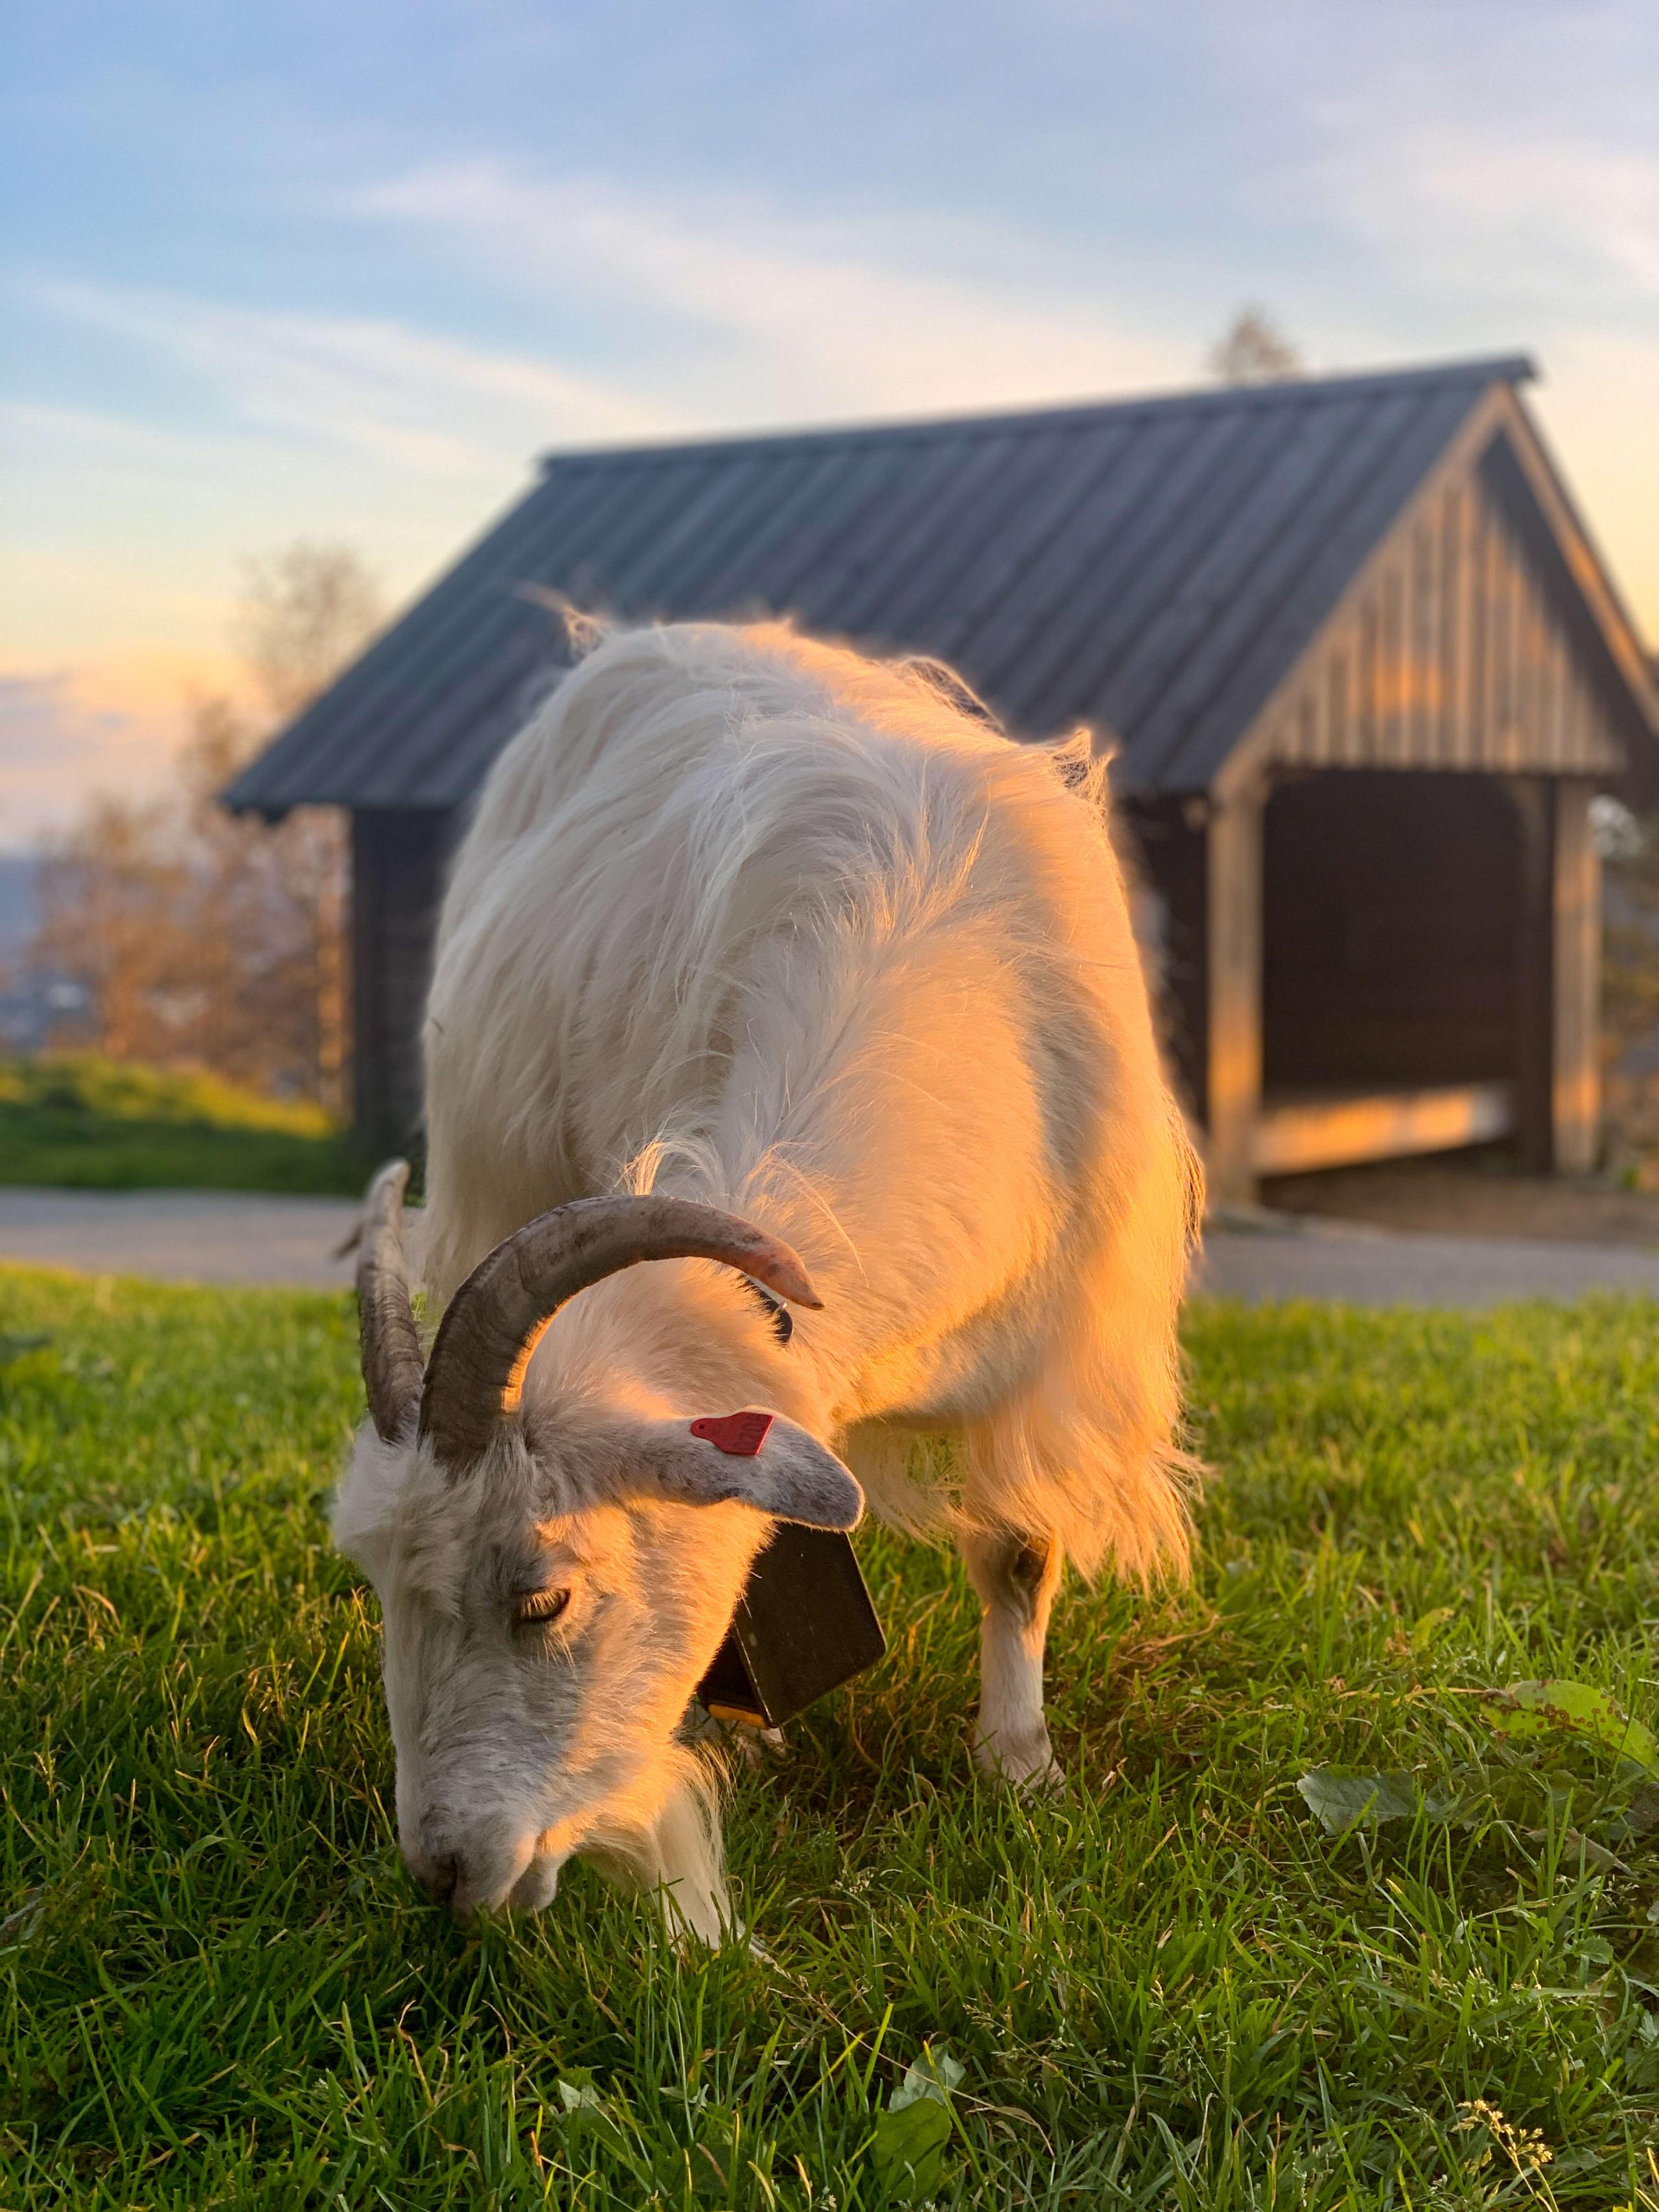 One of Fløyen guttene goats